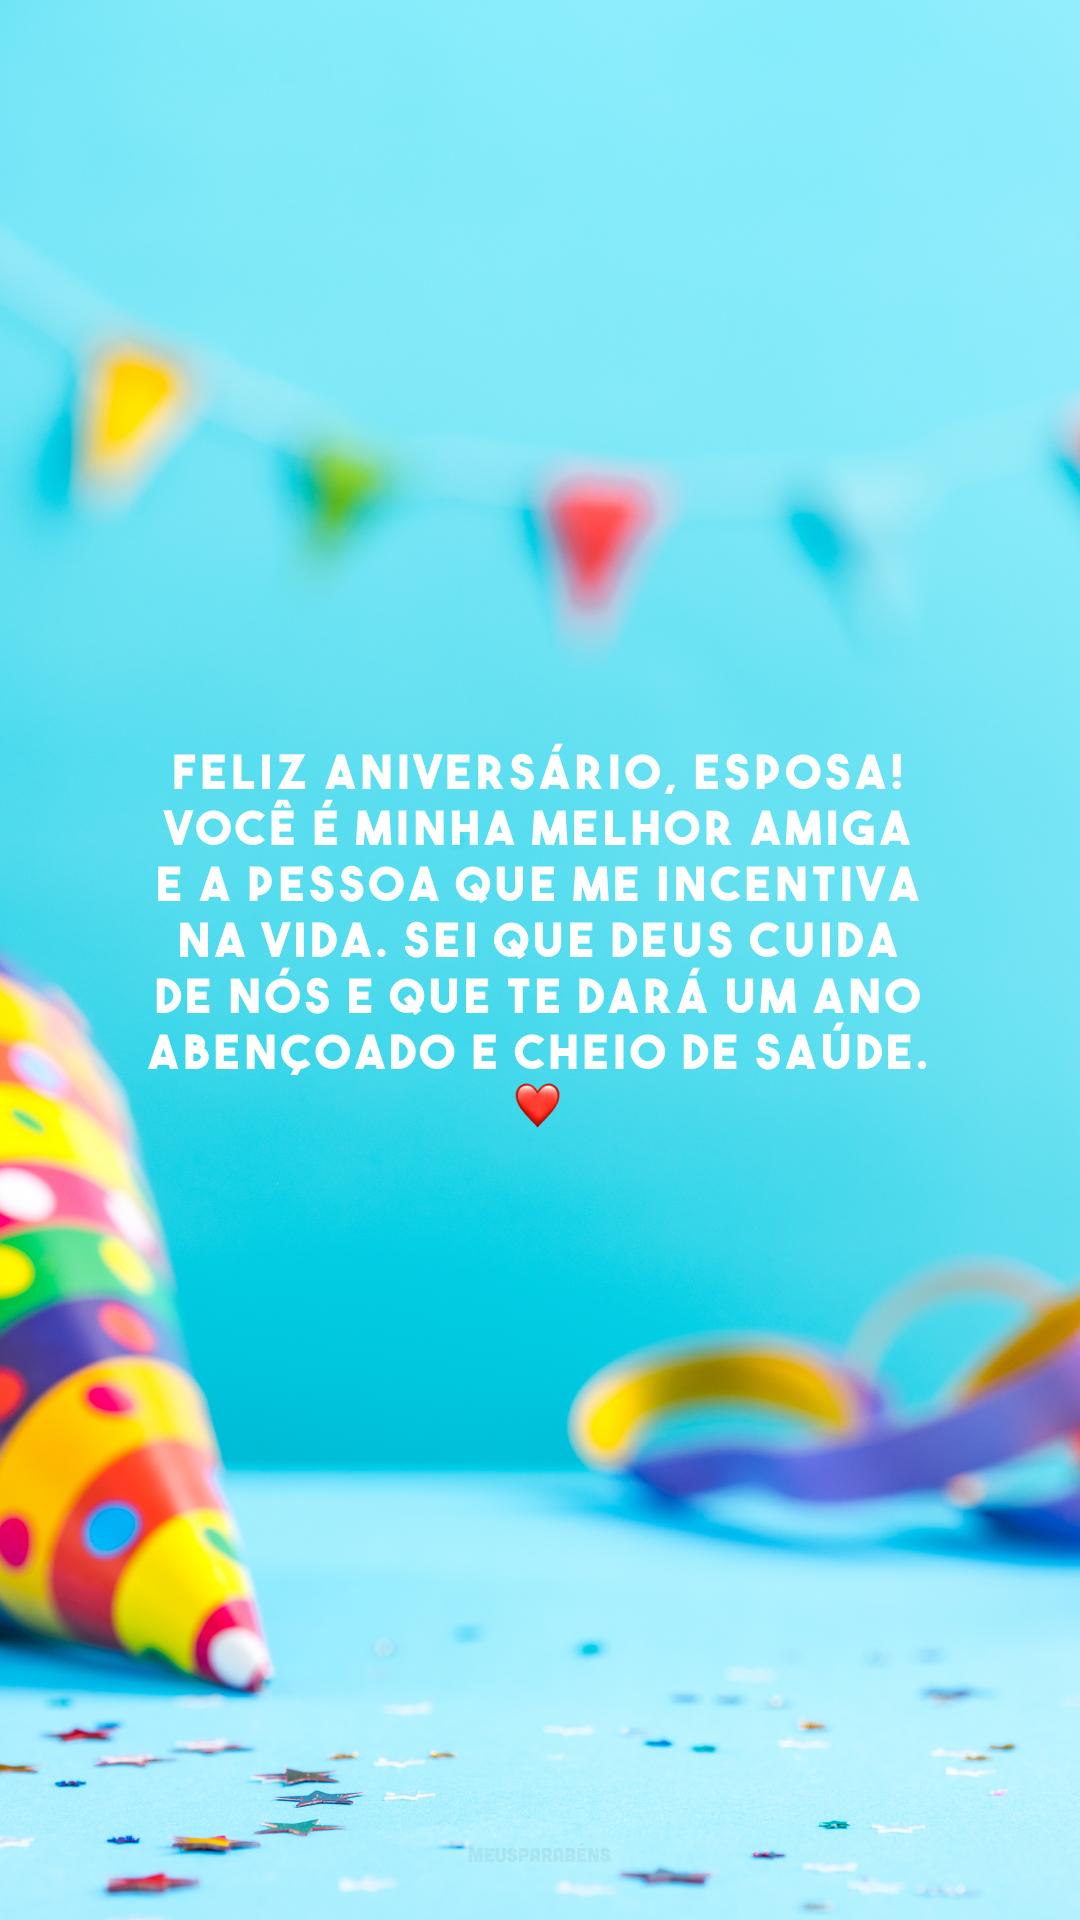 Feliz aniversário, esposa! Você é minha melhor amiga e a pessoa que me incentiva na vida. Sei que Deus cuida de nós e que te dará um ano abençoado e cheio de saúde. ❤️